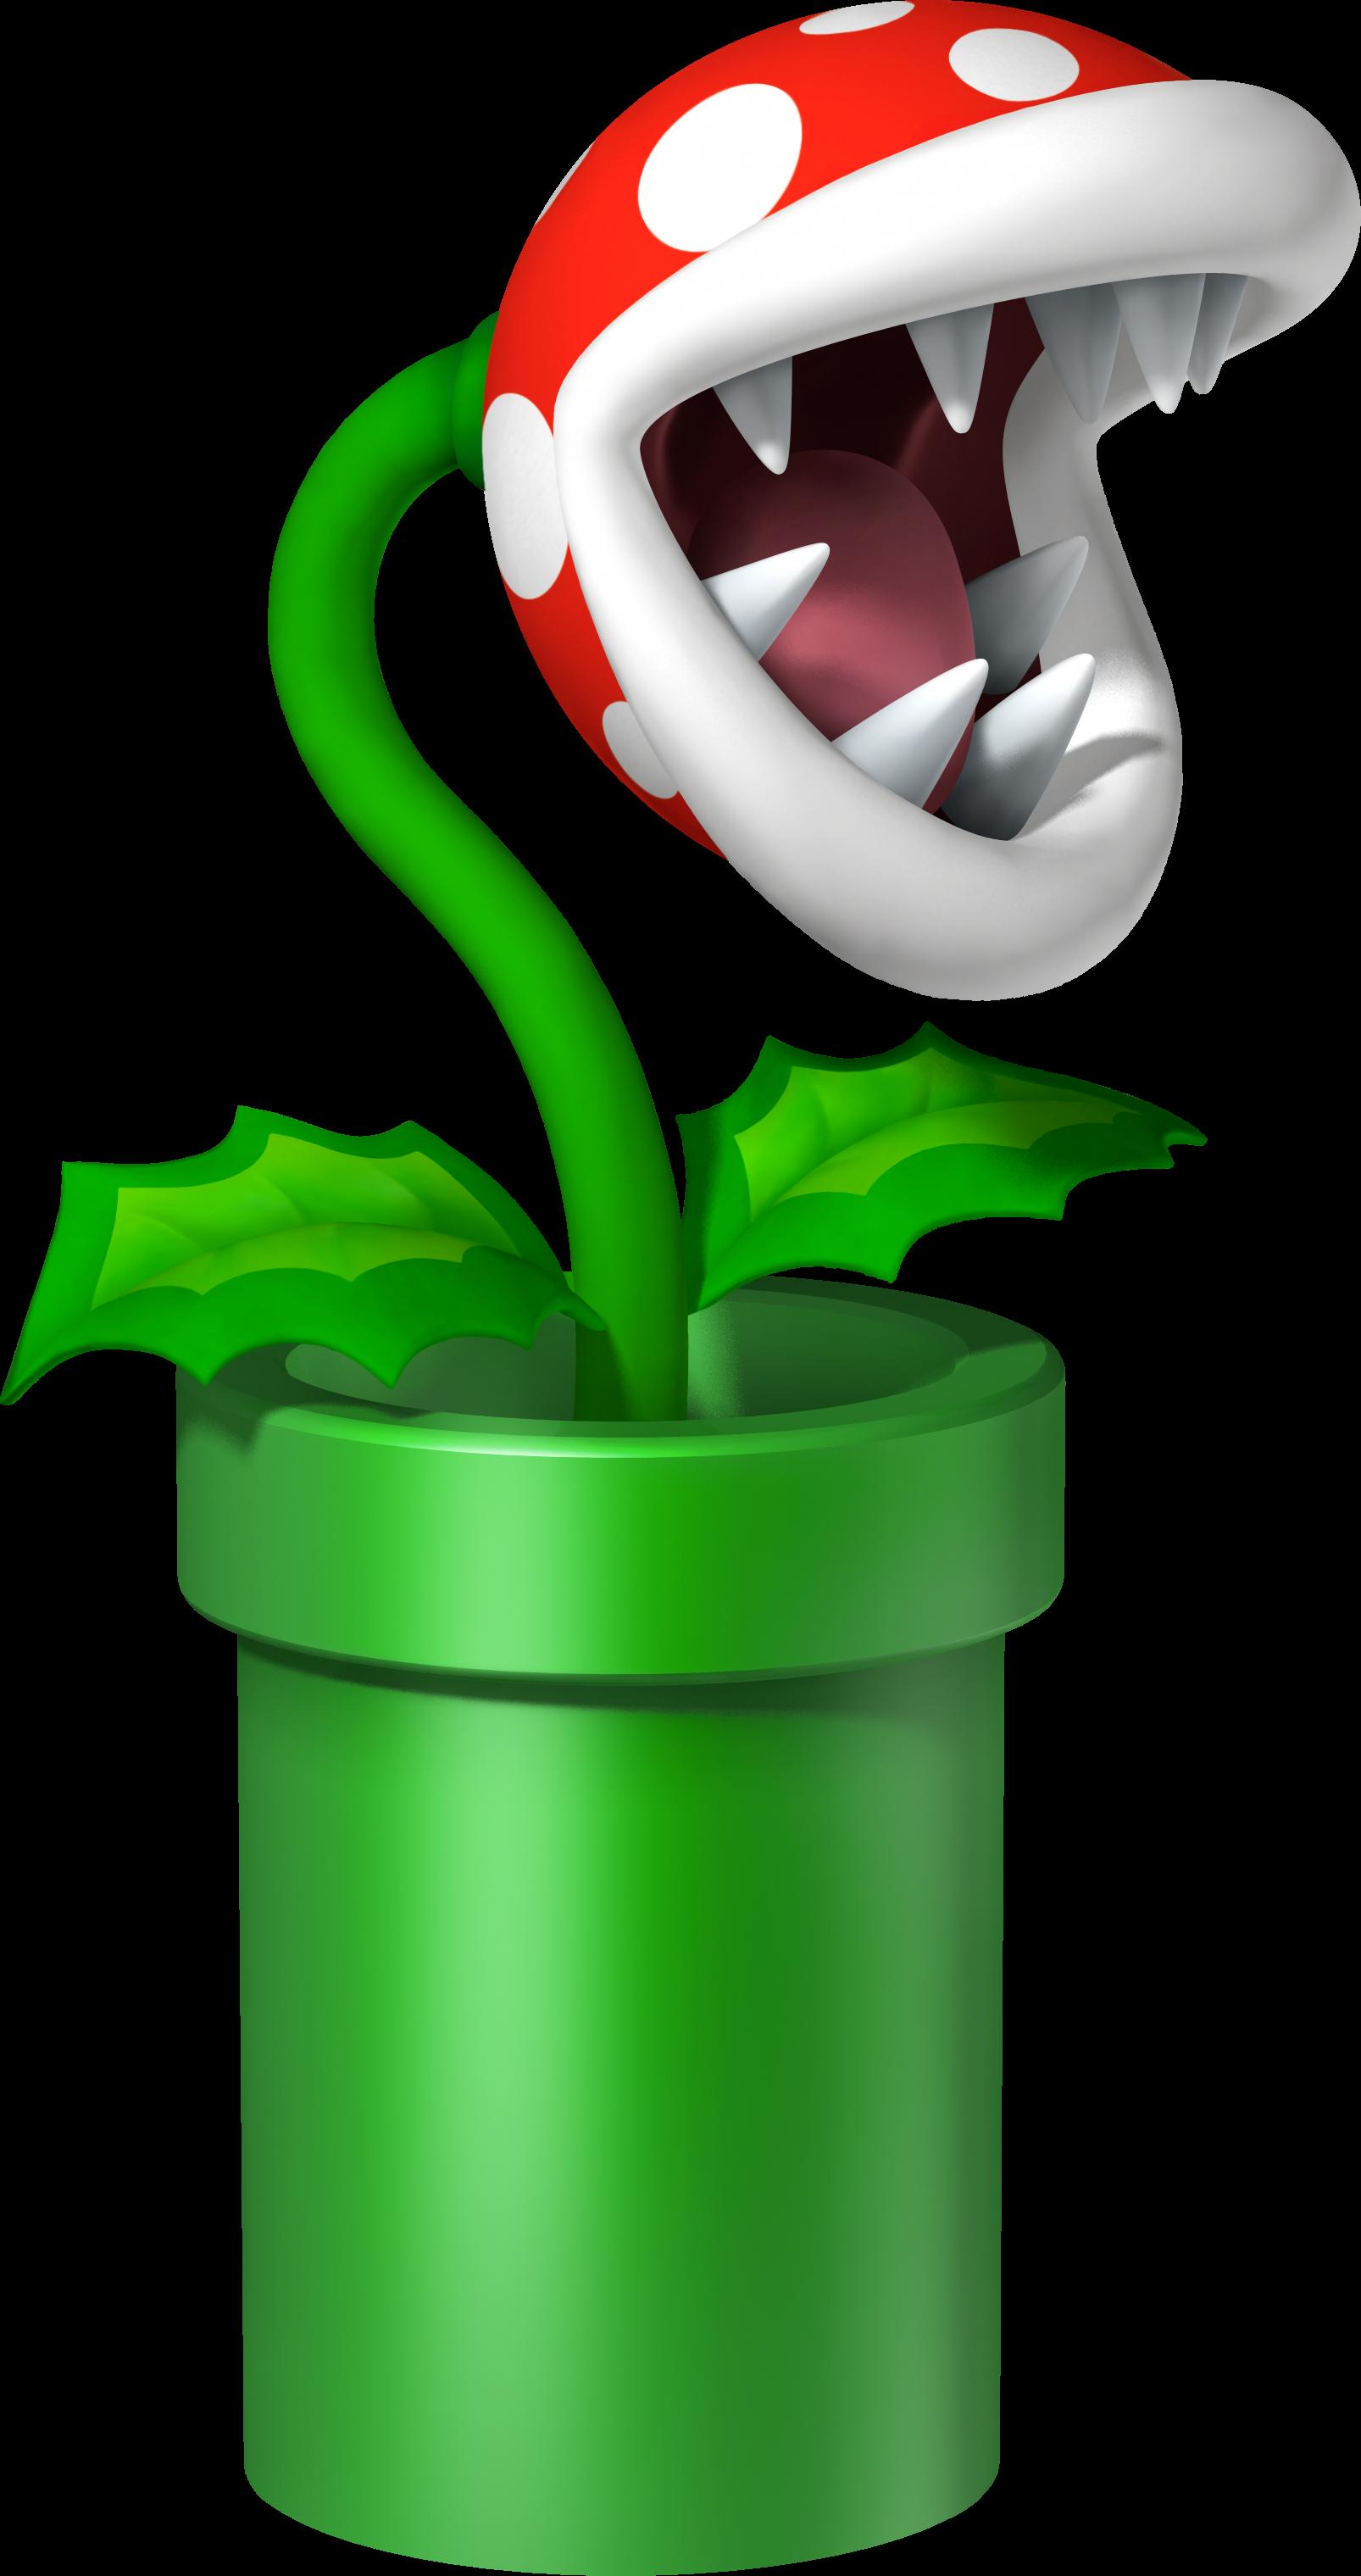 plante carnivore mario en vrai